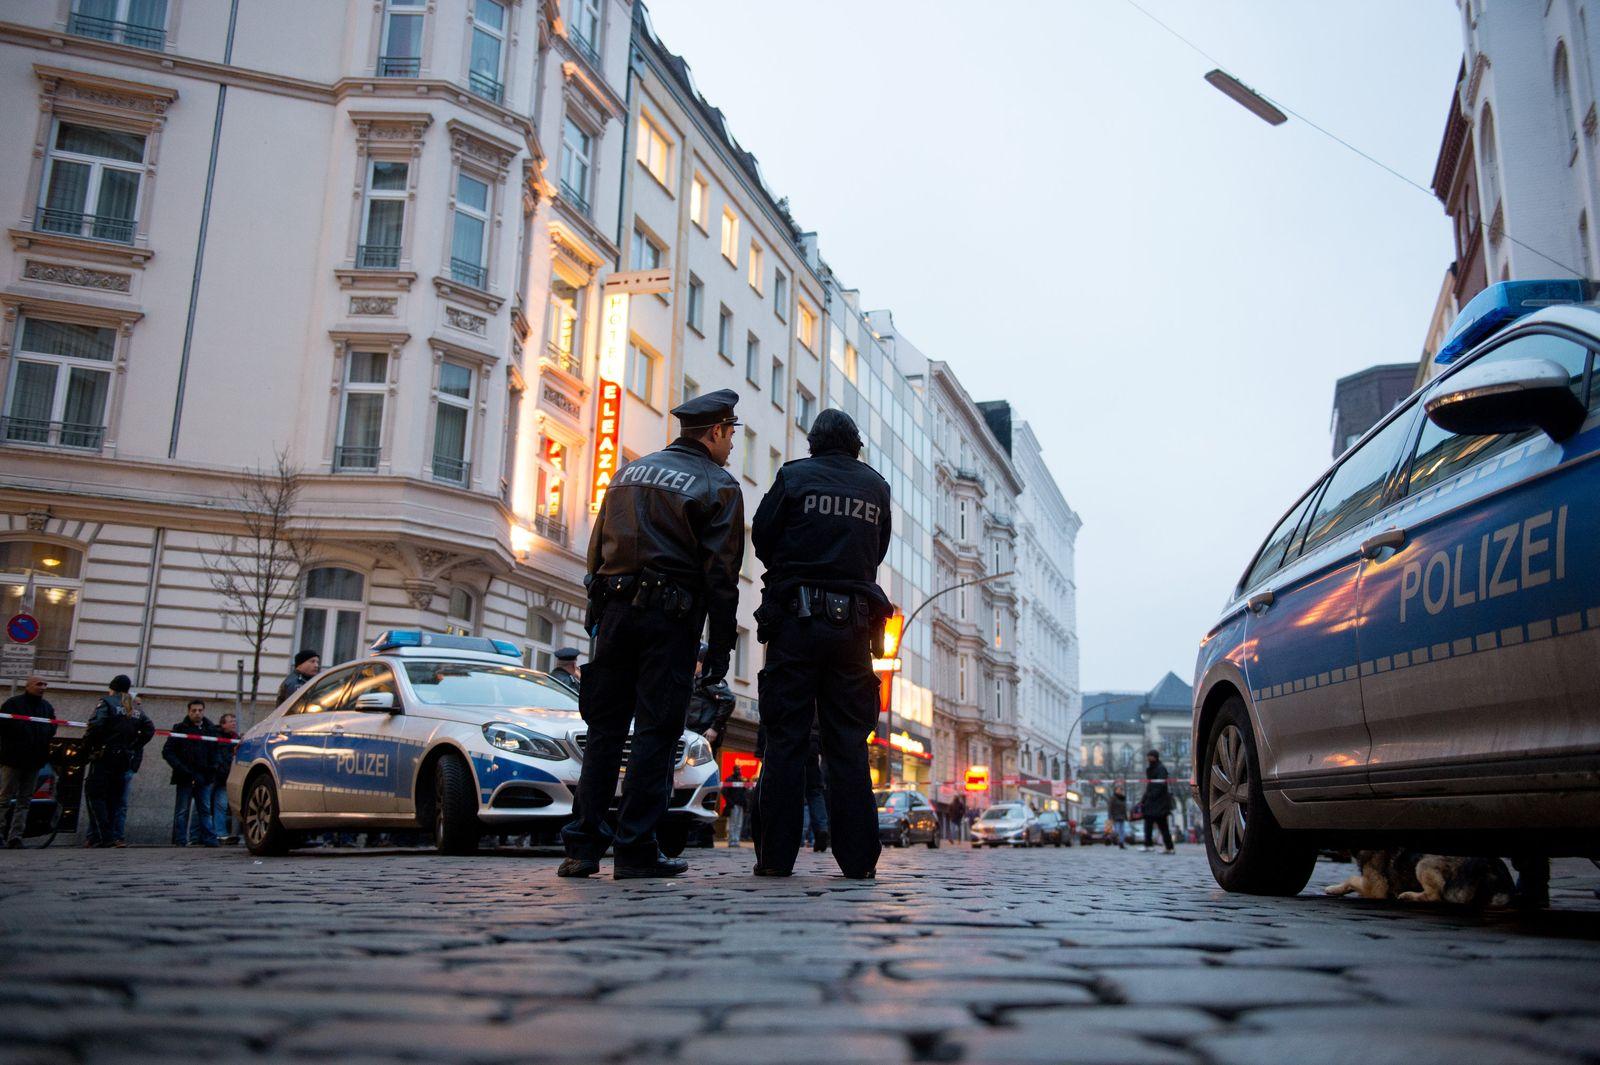 Polizist schießt Mann in Hamburg nieder